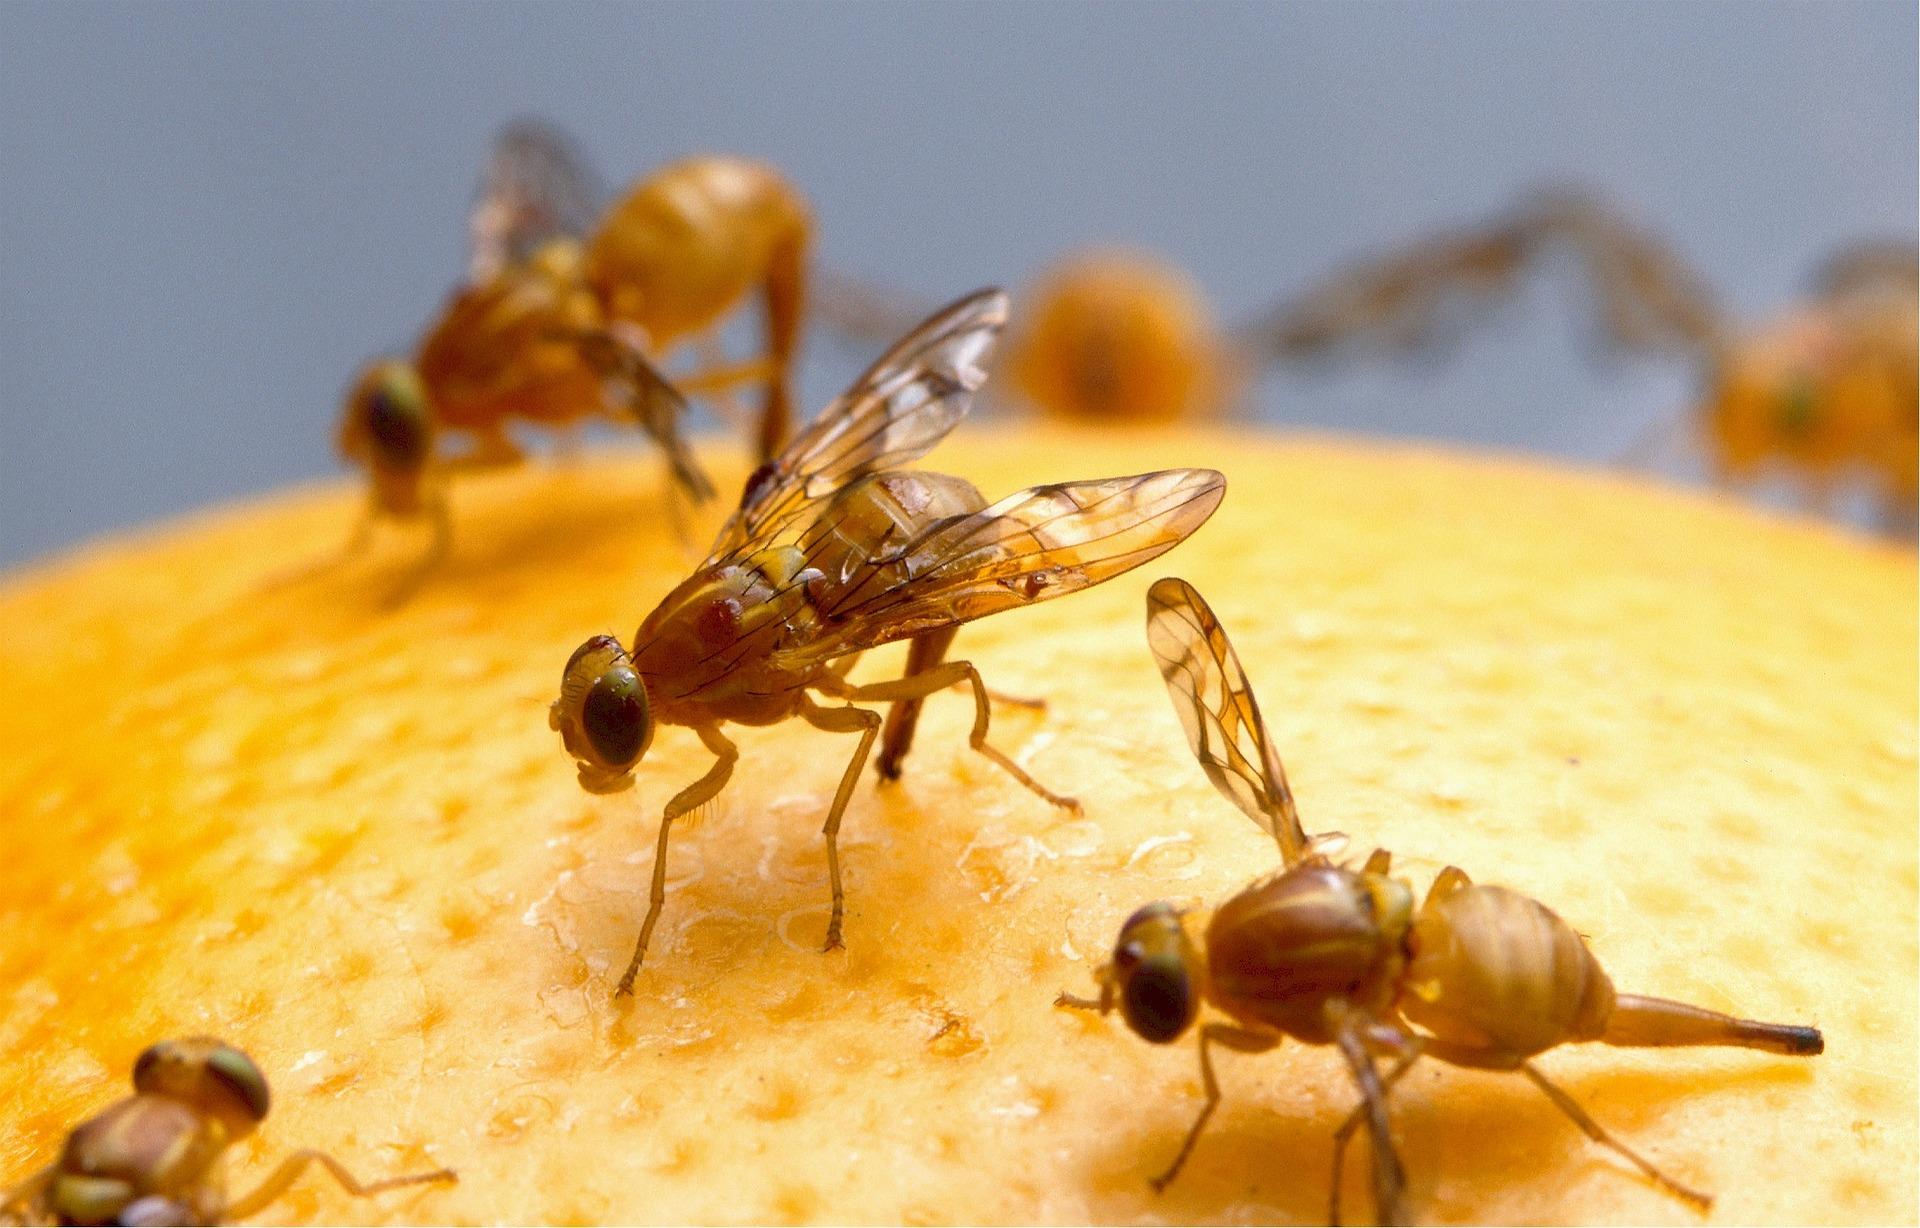 Fruchtfliegen in Grossaufnahme auf einer Orange